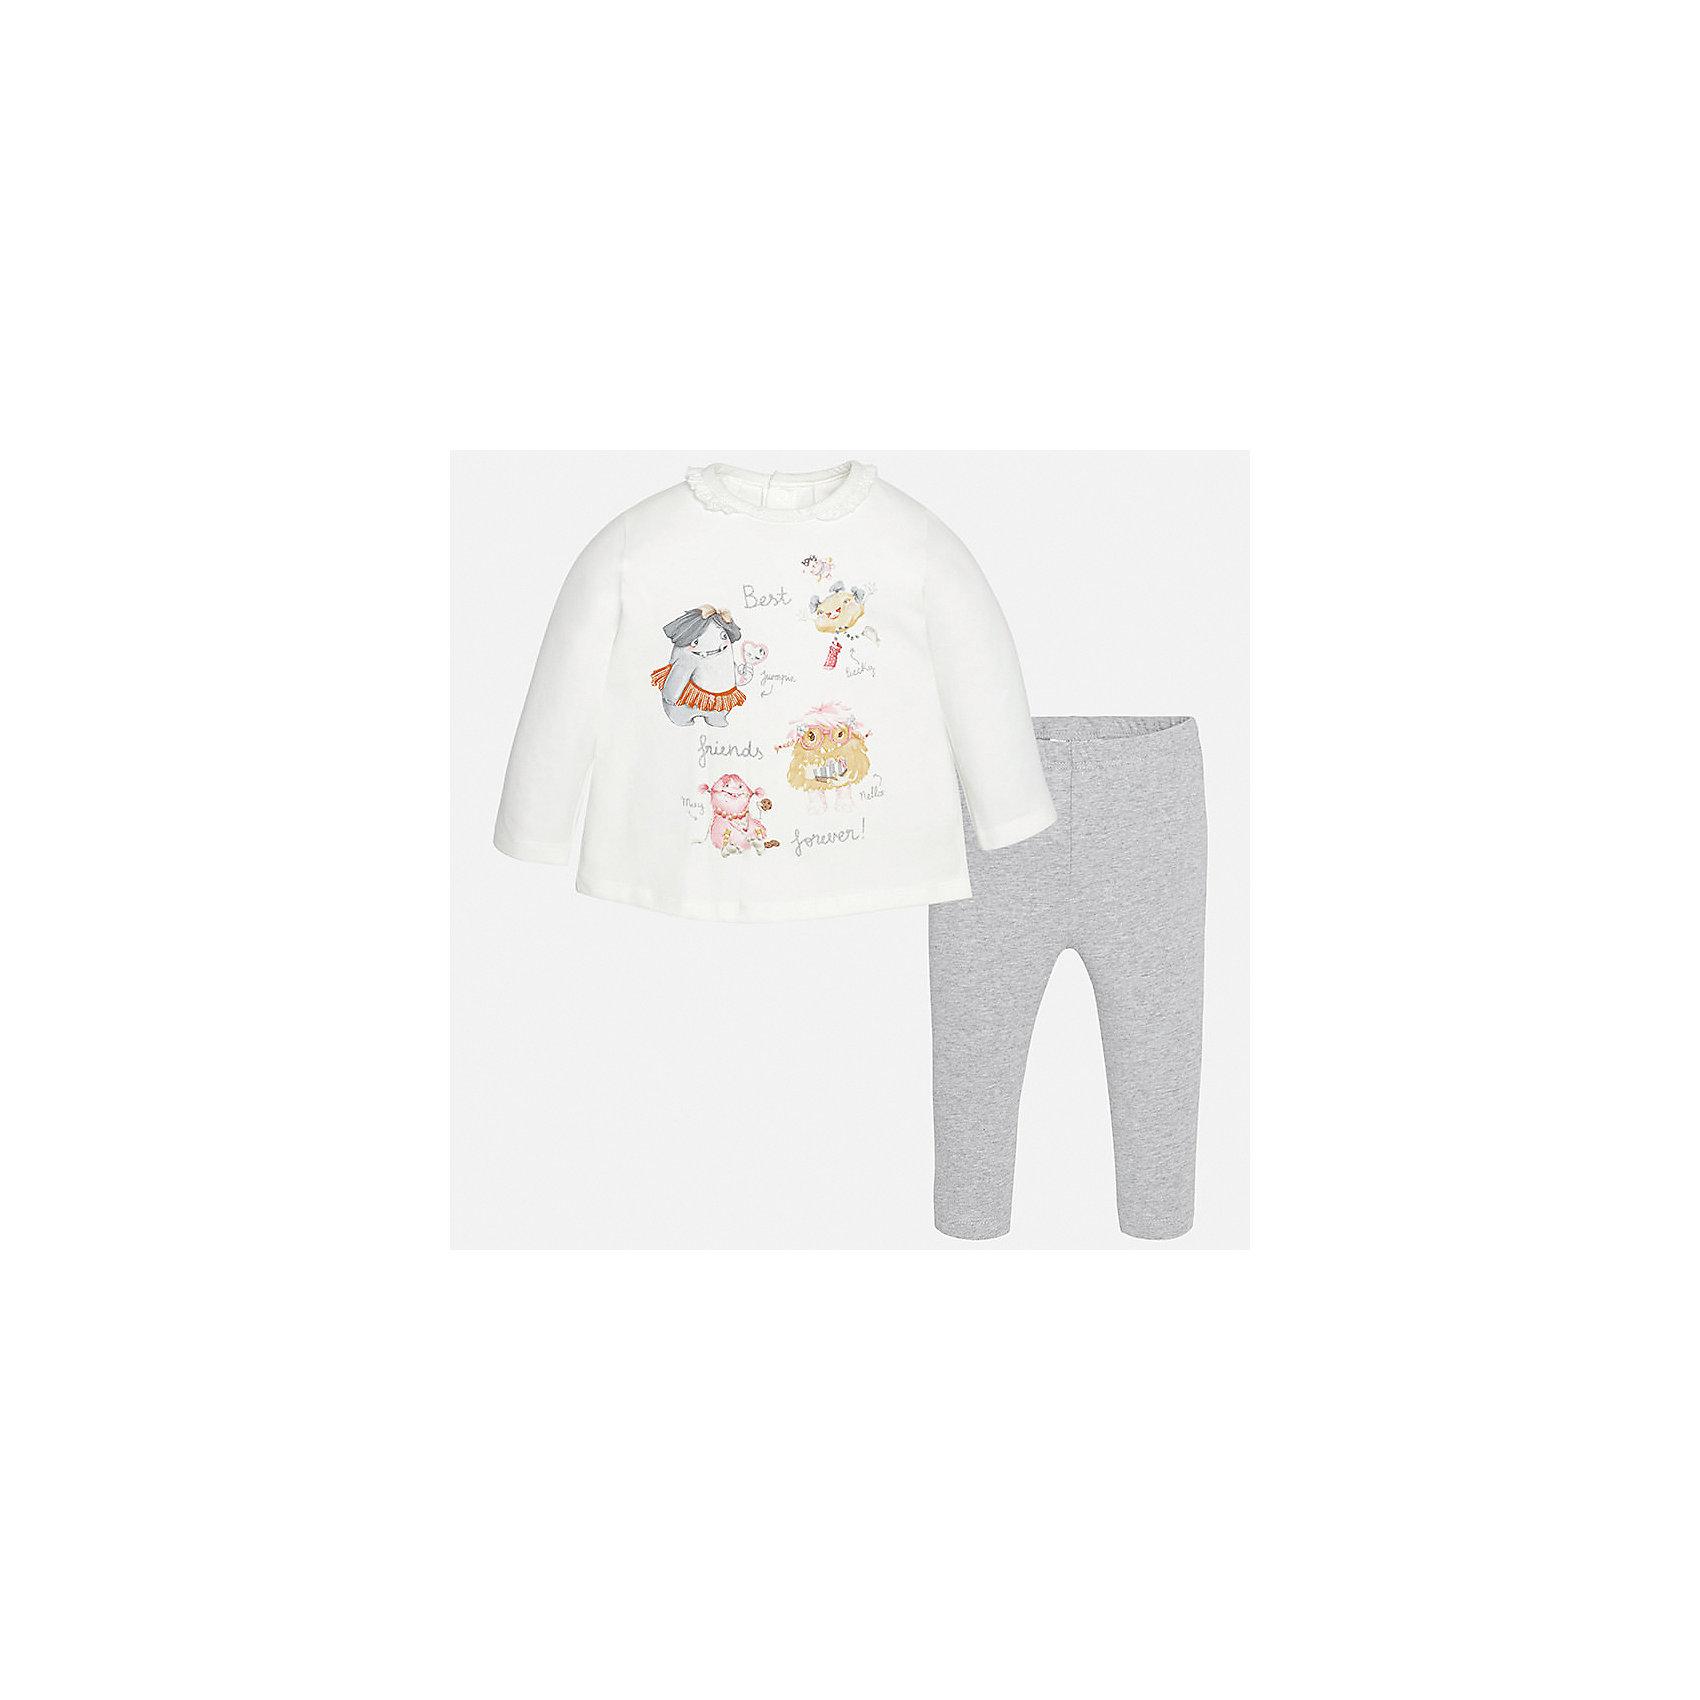 Комплект: футболка с длинным рукавом и леггинсы для девочки MayoralКомплекты<br>Характеристики товара:<br><br>• цвет: серый<br>• состав ткани: 92% хлопок, 8% эластан<br>• комплект: лонгслив и леггинсы<br>• сезон: демисезон<br>• особенности: принт с блестками<br>• пояс: резинка<br>• длинные рукава<br>• застежка: кнопки<br>• страна бренда: Испания<br>• страна изготовитель: Индия<br><br>Хлопковые лонгслив и леггинсы для девочки отлично сочетаются между собой, а также с другими вещами. Такой практичный и модный детский комплект из лонгслива и леггинсов для девочки подойдет для любых мероприятий. Детские леггинсы с юбкой сшиты из приятного на ощупь материала. Лонгслив для девочки Mayoral удобно сидит по фигуре. <br><br>Комплект: лонгслив и леггинсы для девочкиMayoral (Майорал) можно купить в нашем интернет-магазине.<br><br>Ширина мм: 123<br>Глубина мм: 10<br>Высота мм: 149<br>Вес г: 209<br>Цвет: серебряный<br>Возраст от месяцев: 24<br>Возраст до месяцев: 36<br>Пол: Женский<br>Возраст: Детский<br>Размер: 98,74,80,86,92<br>SKU: 6920583